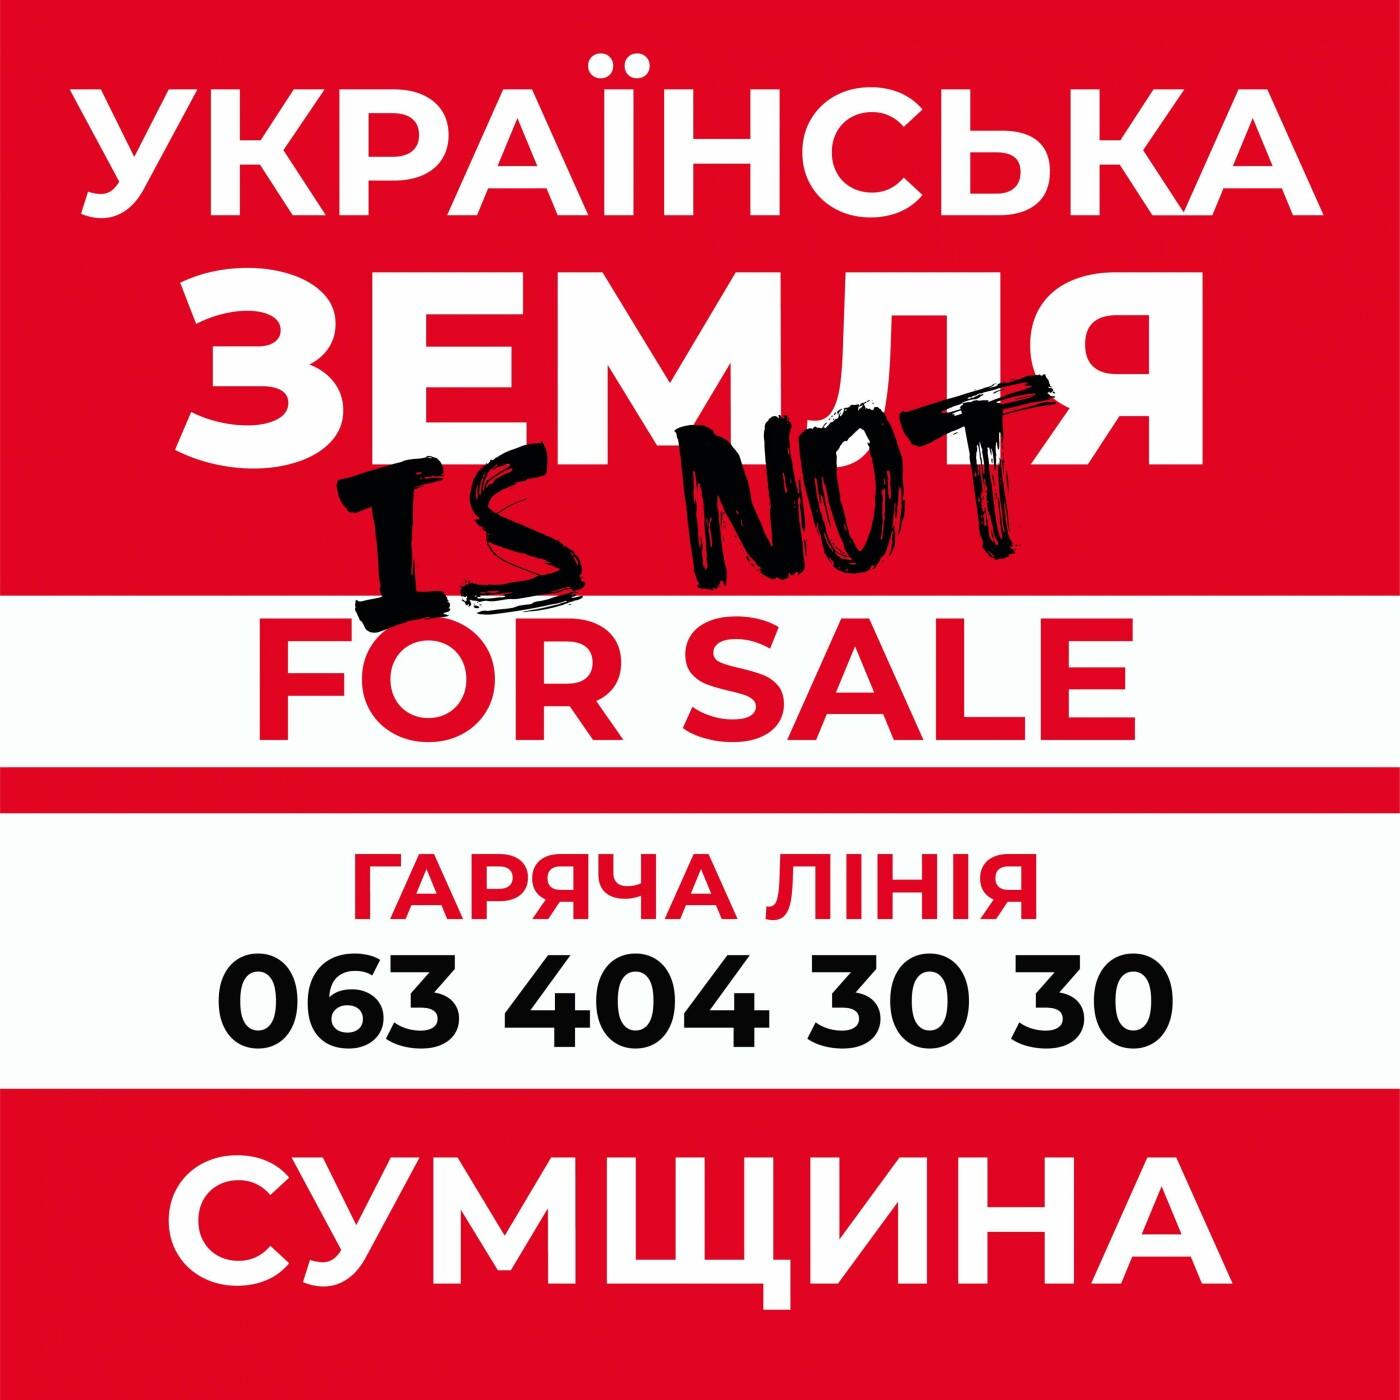 «Ні продажу української землі»: аграрії, фермери, землевласники Сумщини та депутати підписали резолюцію , фото-12